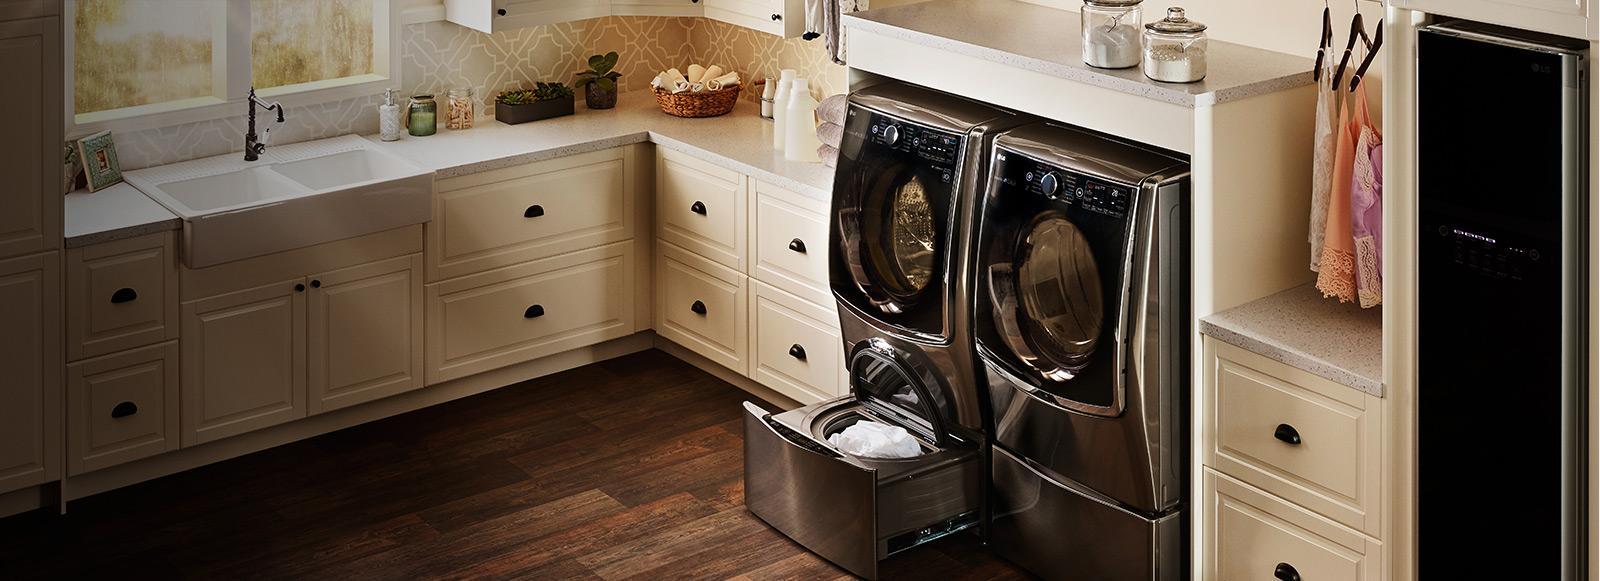 Twinwash Bundle W Washer Sidekick And Electric Dryer